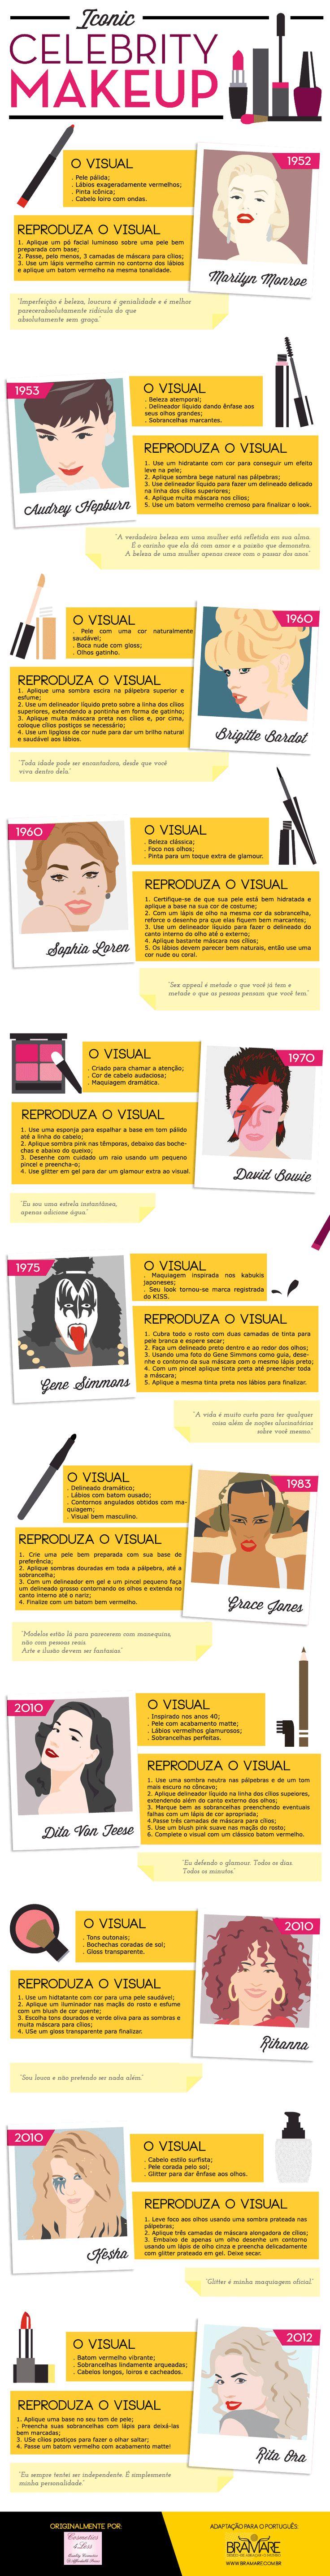 Infográfico da Beleza: Maquiagens icônicas | Melhores Makes